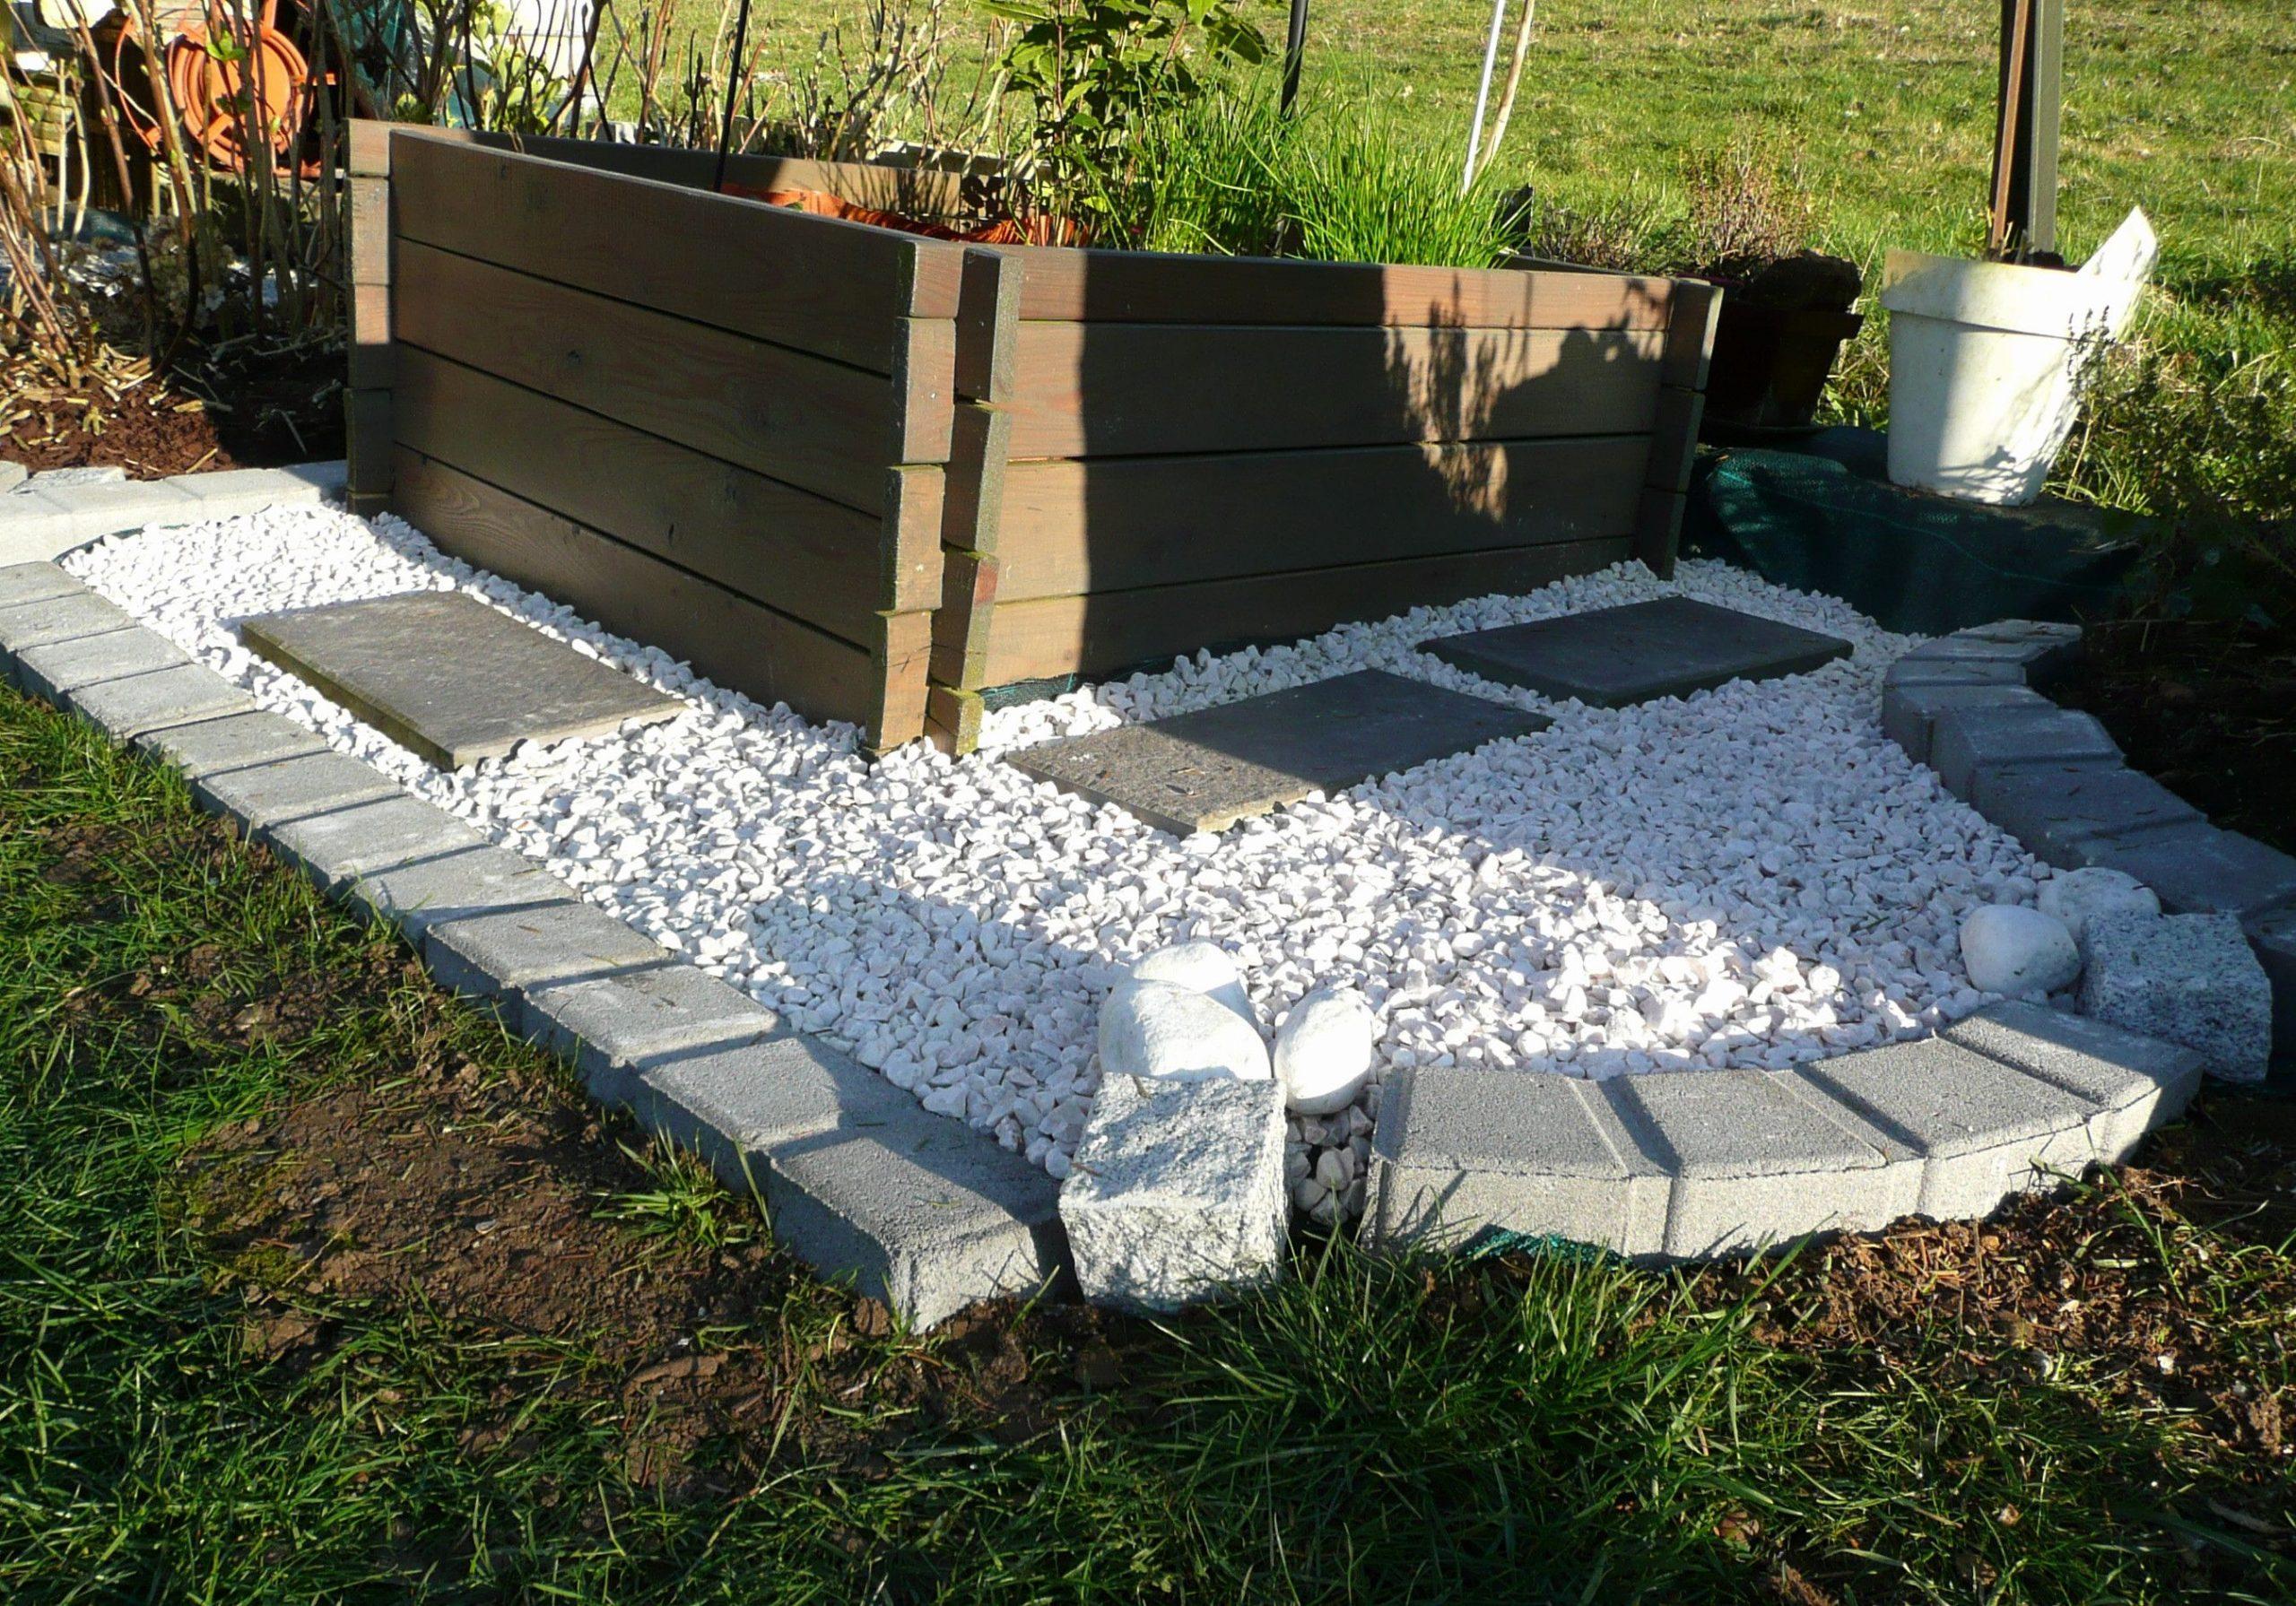 Cailloux Blanc Jardin Fresh Amenagement Jardin Avec Gravier ... avec Modele De Jardin Avec Galets